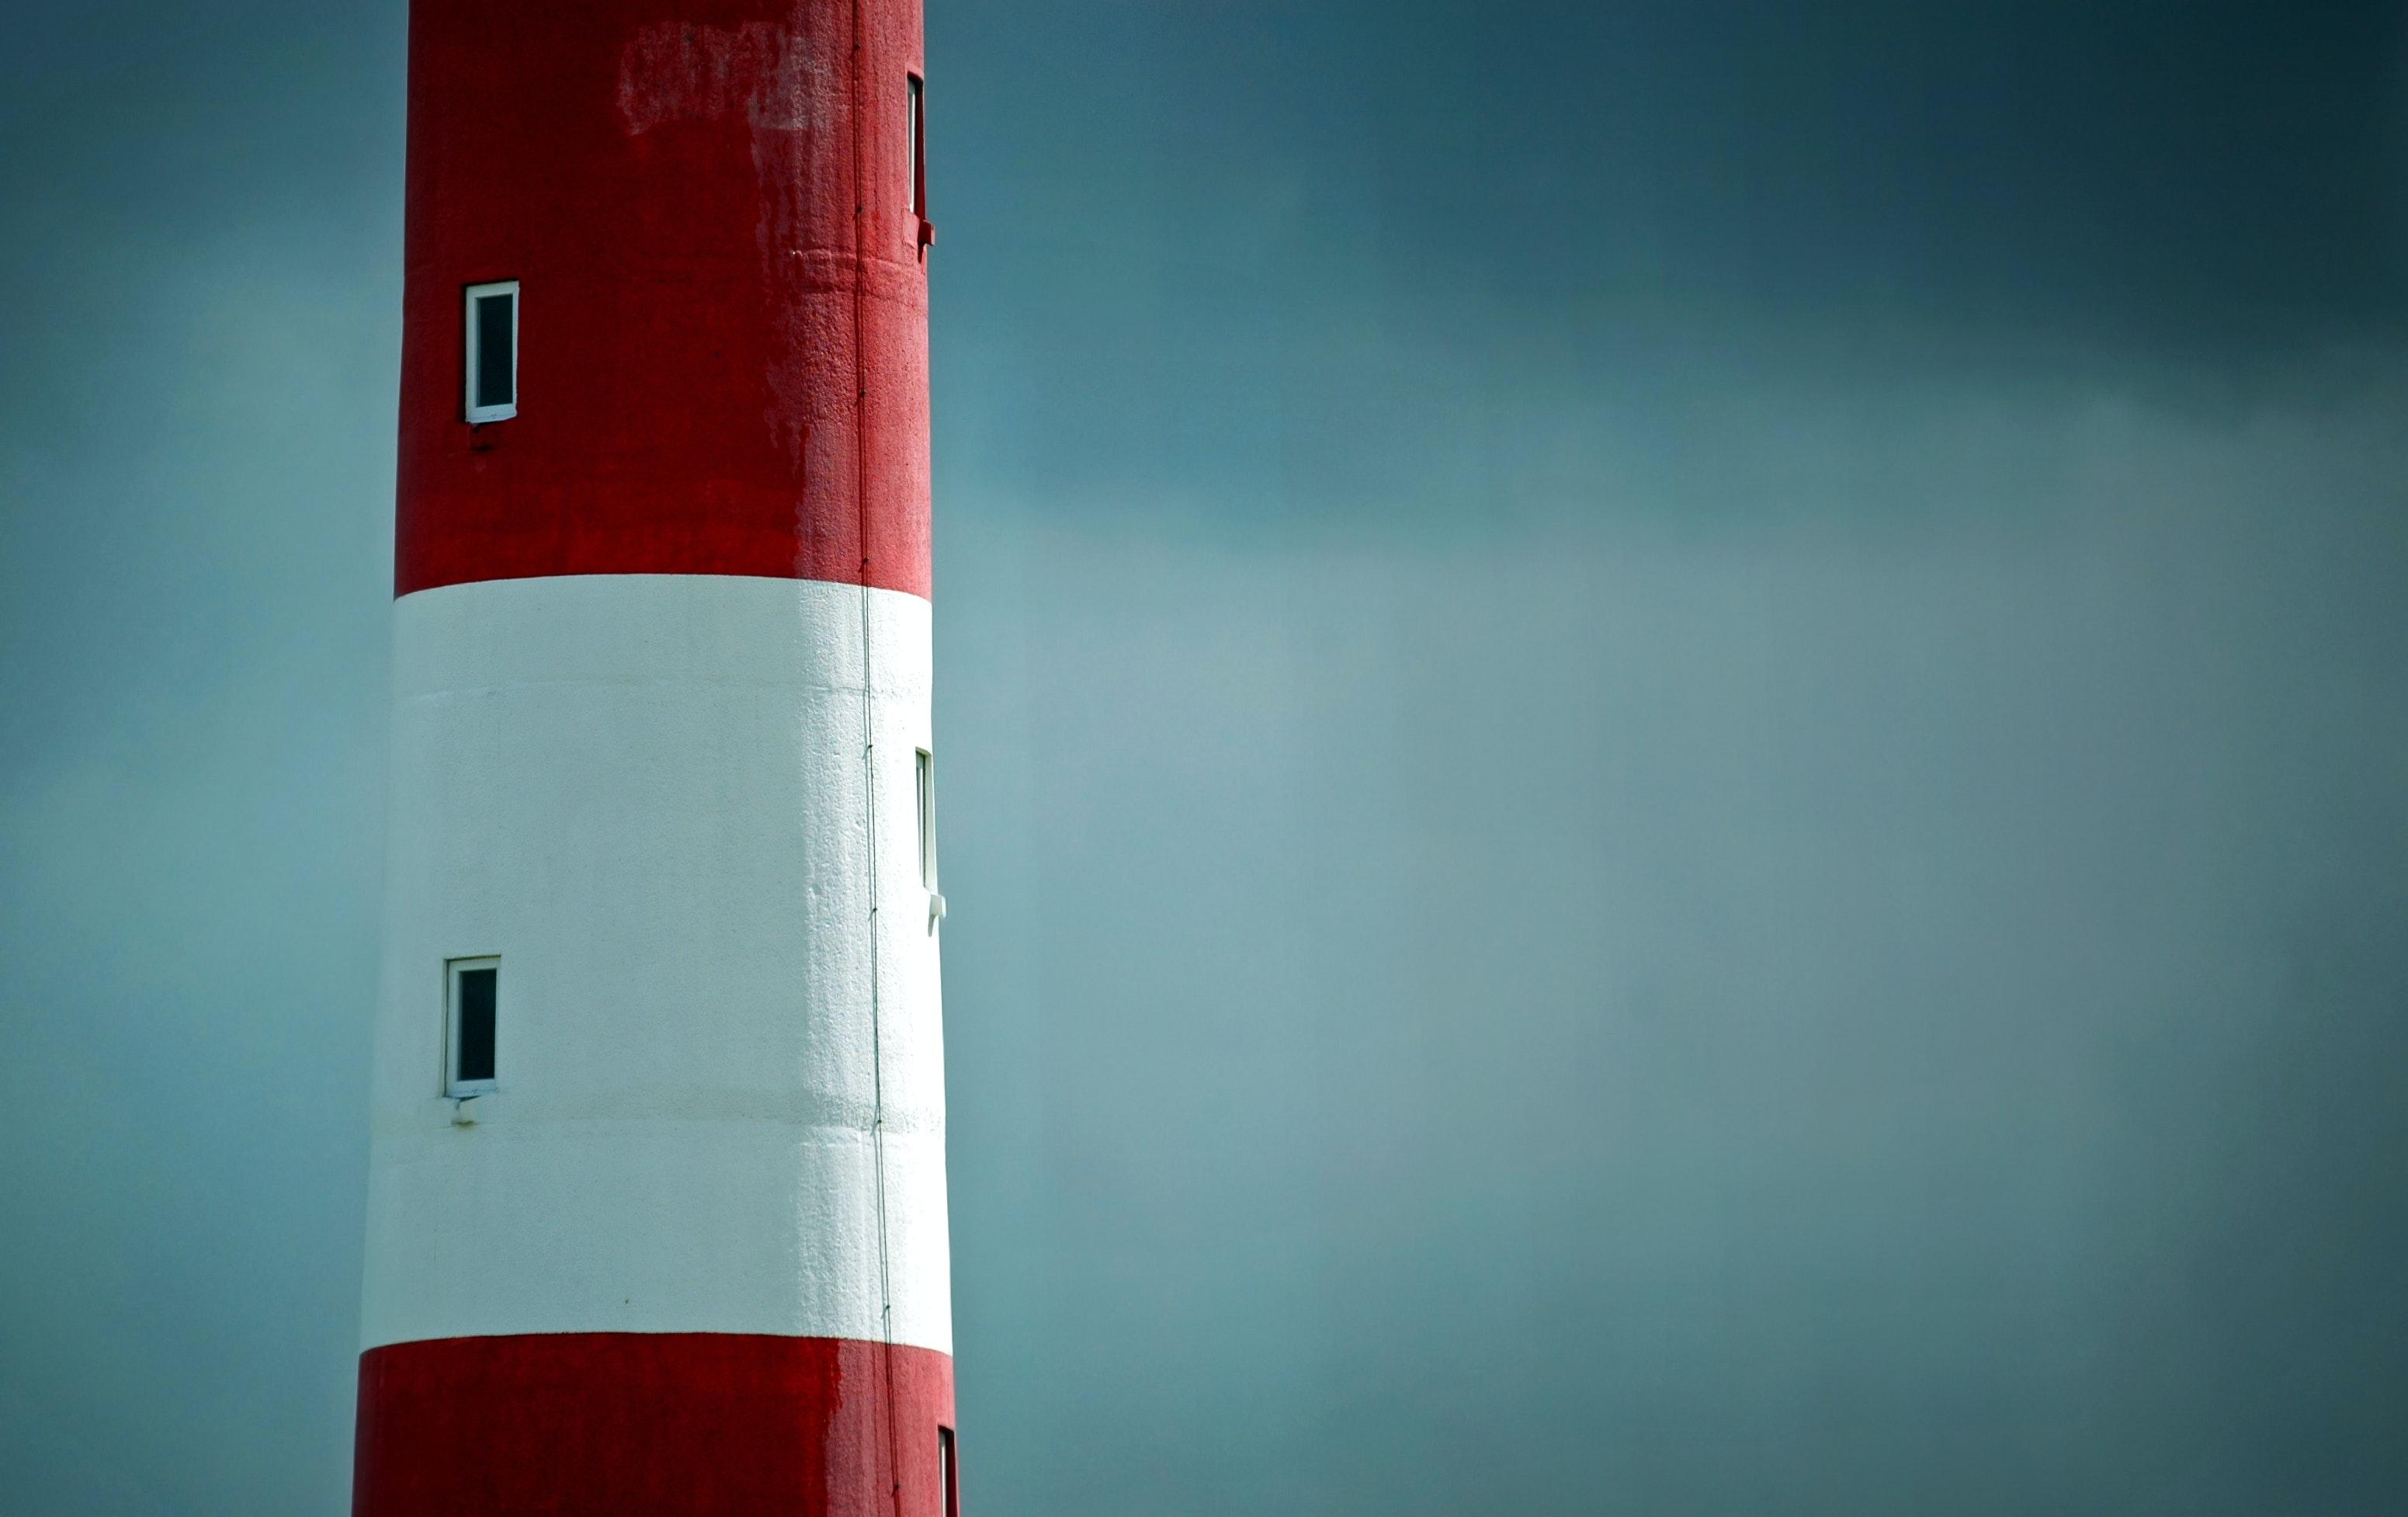 Leuchtturm - Symbolbild Exzellenzinitiative